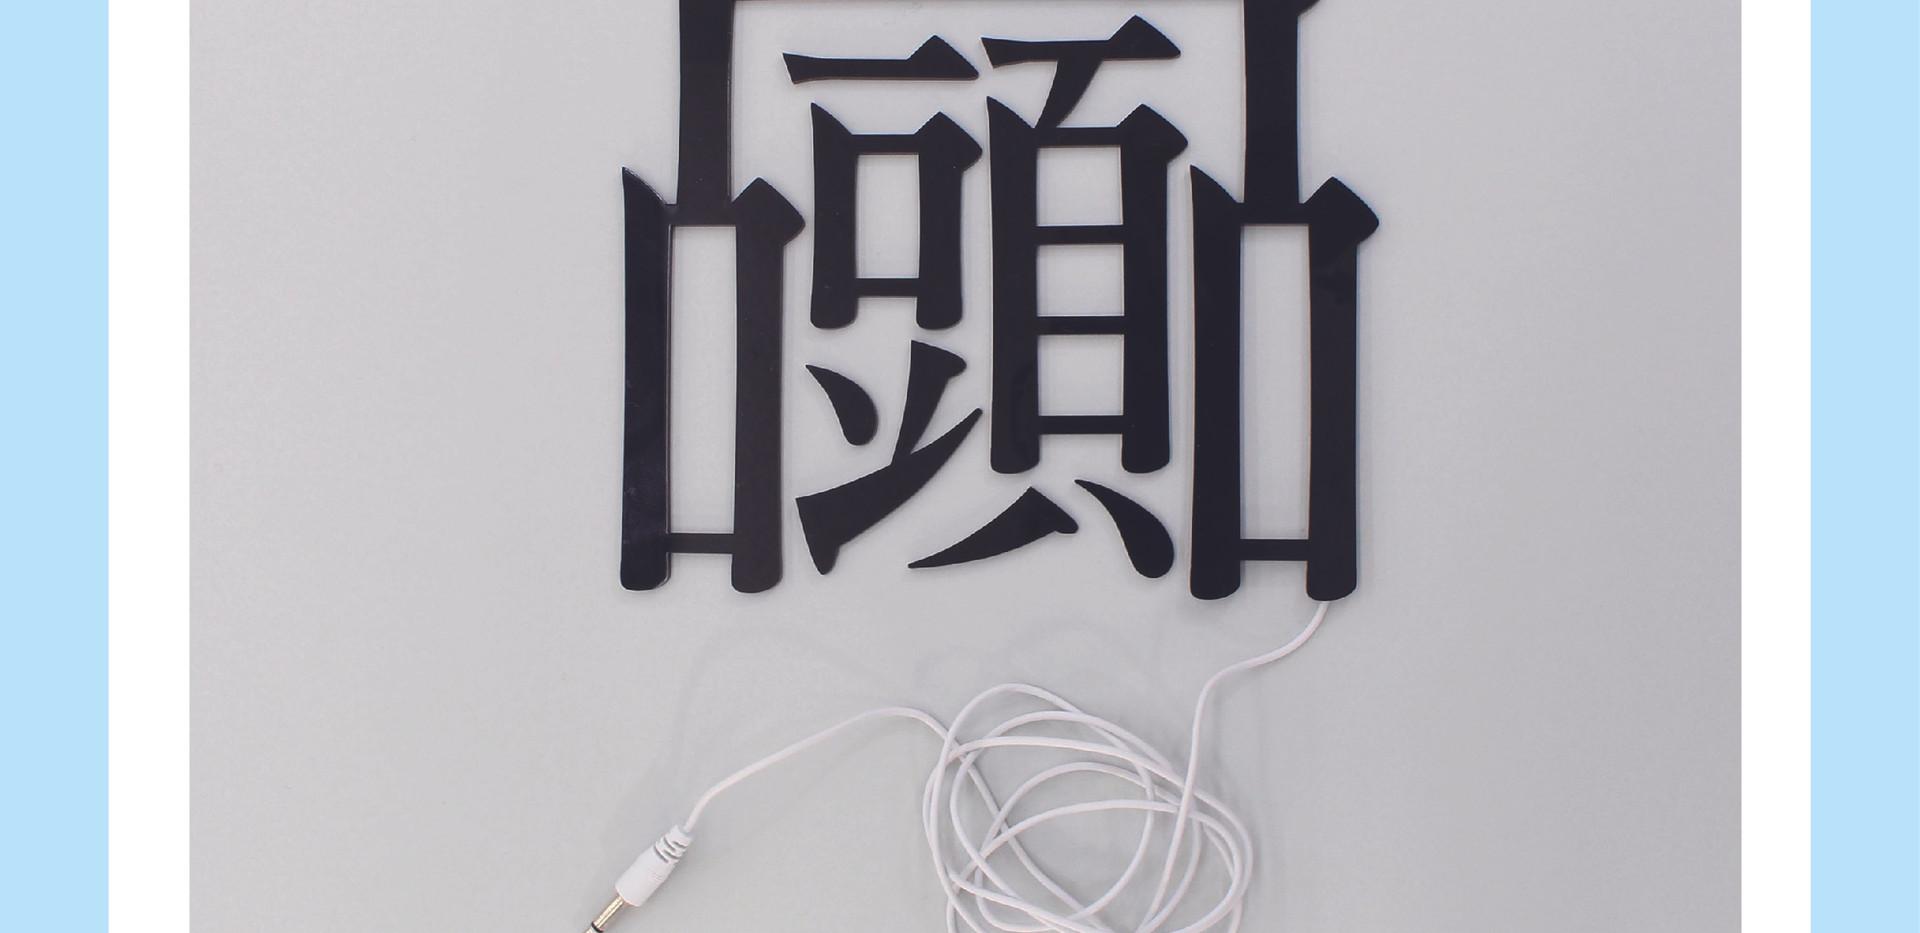 木島卓哉 展_作字生活.jpg